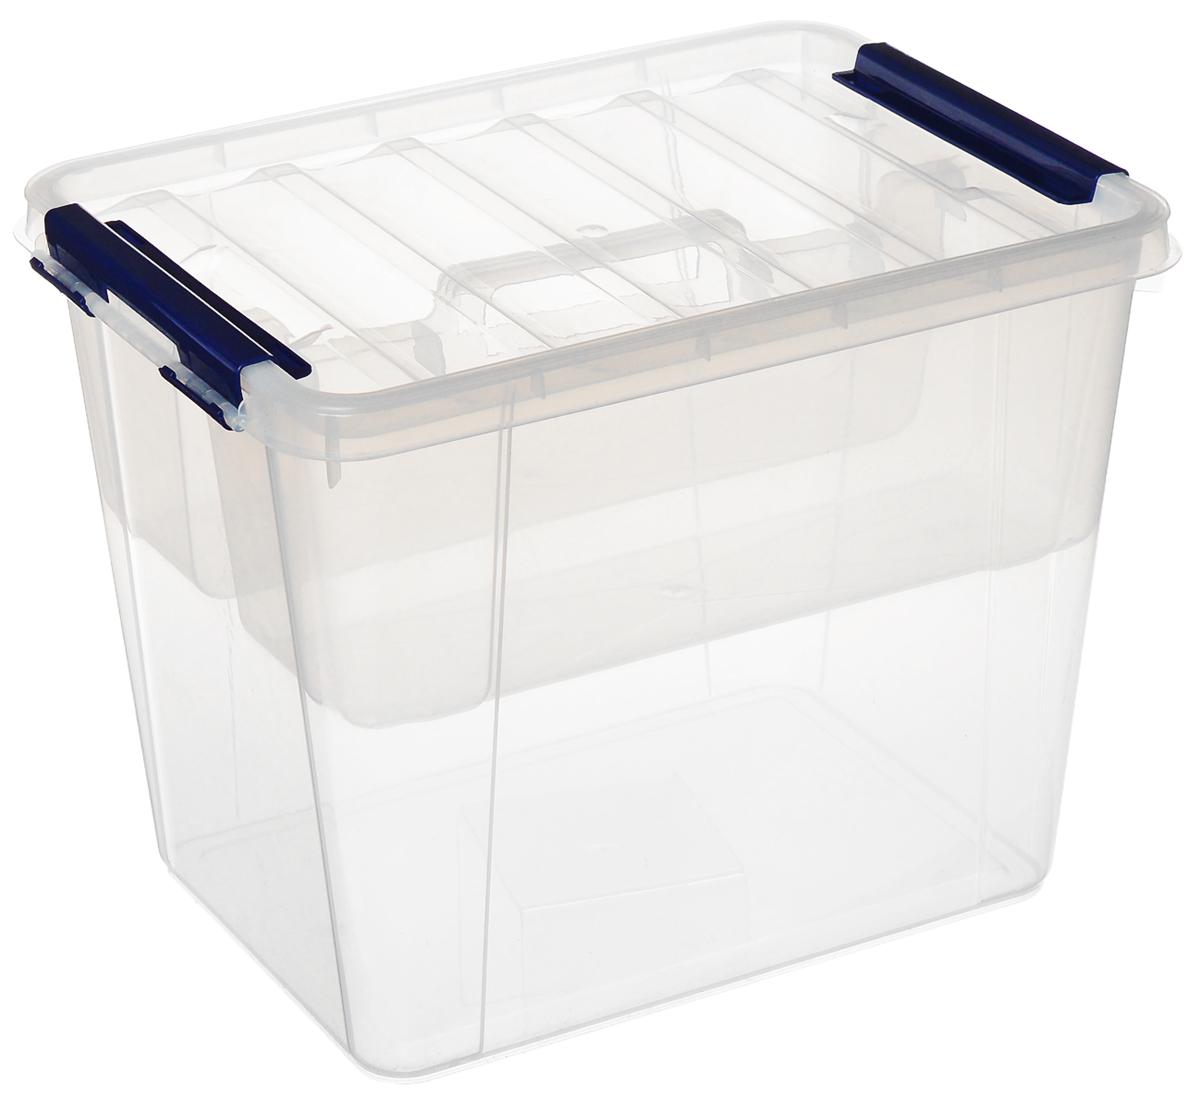 Ящик Полимербыт Профи, с вкладышем, цвет: прозрачный, синий, 25 лС50901_прозрачныйВместительный ящик Полимербыт Профи выполнен из прозрачного пластика и предназначен для хранения различных предметов. Ящик оснащен удобной крышкой с рельефной поверхностью. Внутри ящика имеется съемный вкладыш с двумя глубокими секциями. Контейнер снабжен двумя пластиковыми фиксаторами по бокам, придающими дополнительную надежность закрывания крышки. Вместительный контейнер позволит сохранить различные нужные вещи в порядке, а герметичная крышка предотвратит случайное открывание, защитит содержимое от пыли и грязи. Размер внутренних секций: 37 см х 13 см х 14 см. Объем: 25 л.